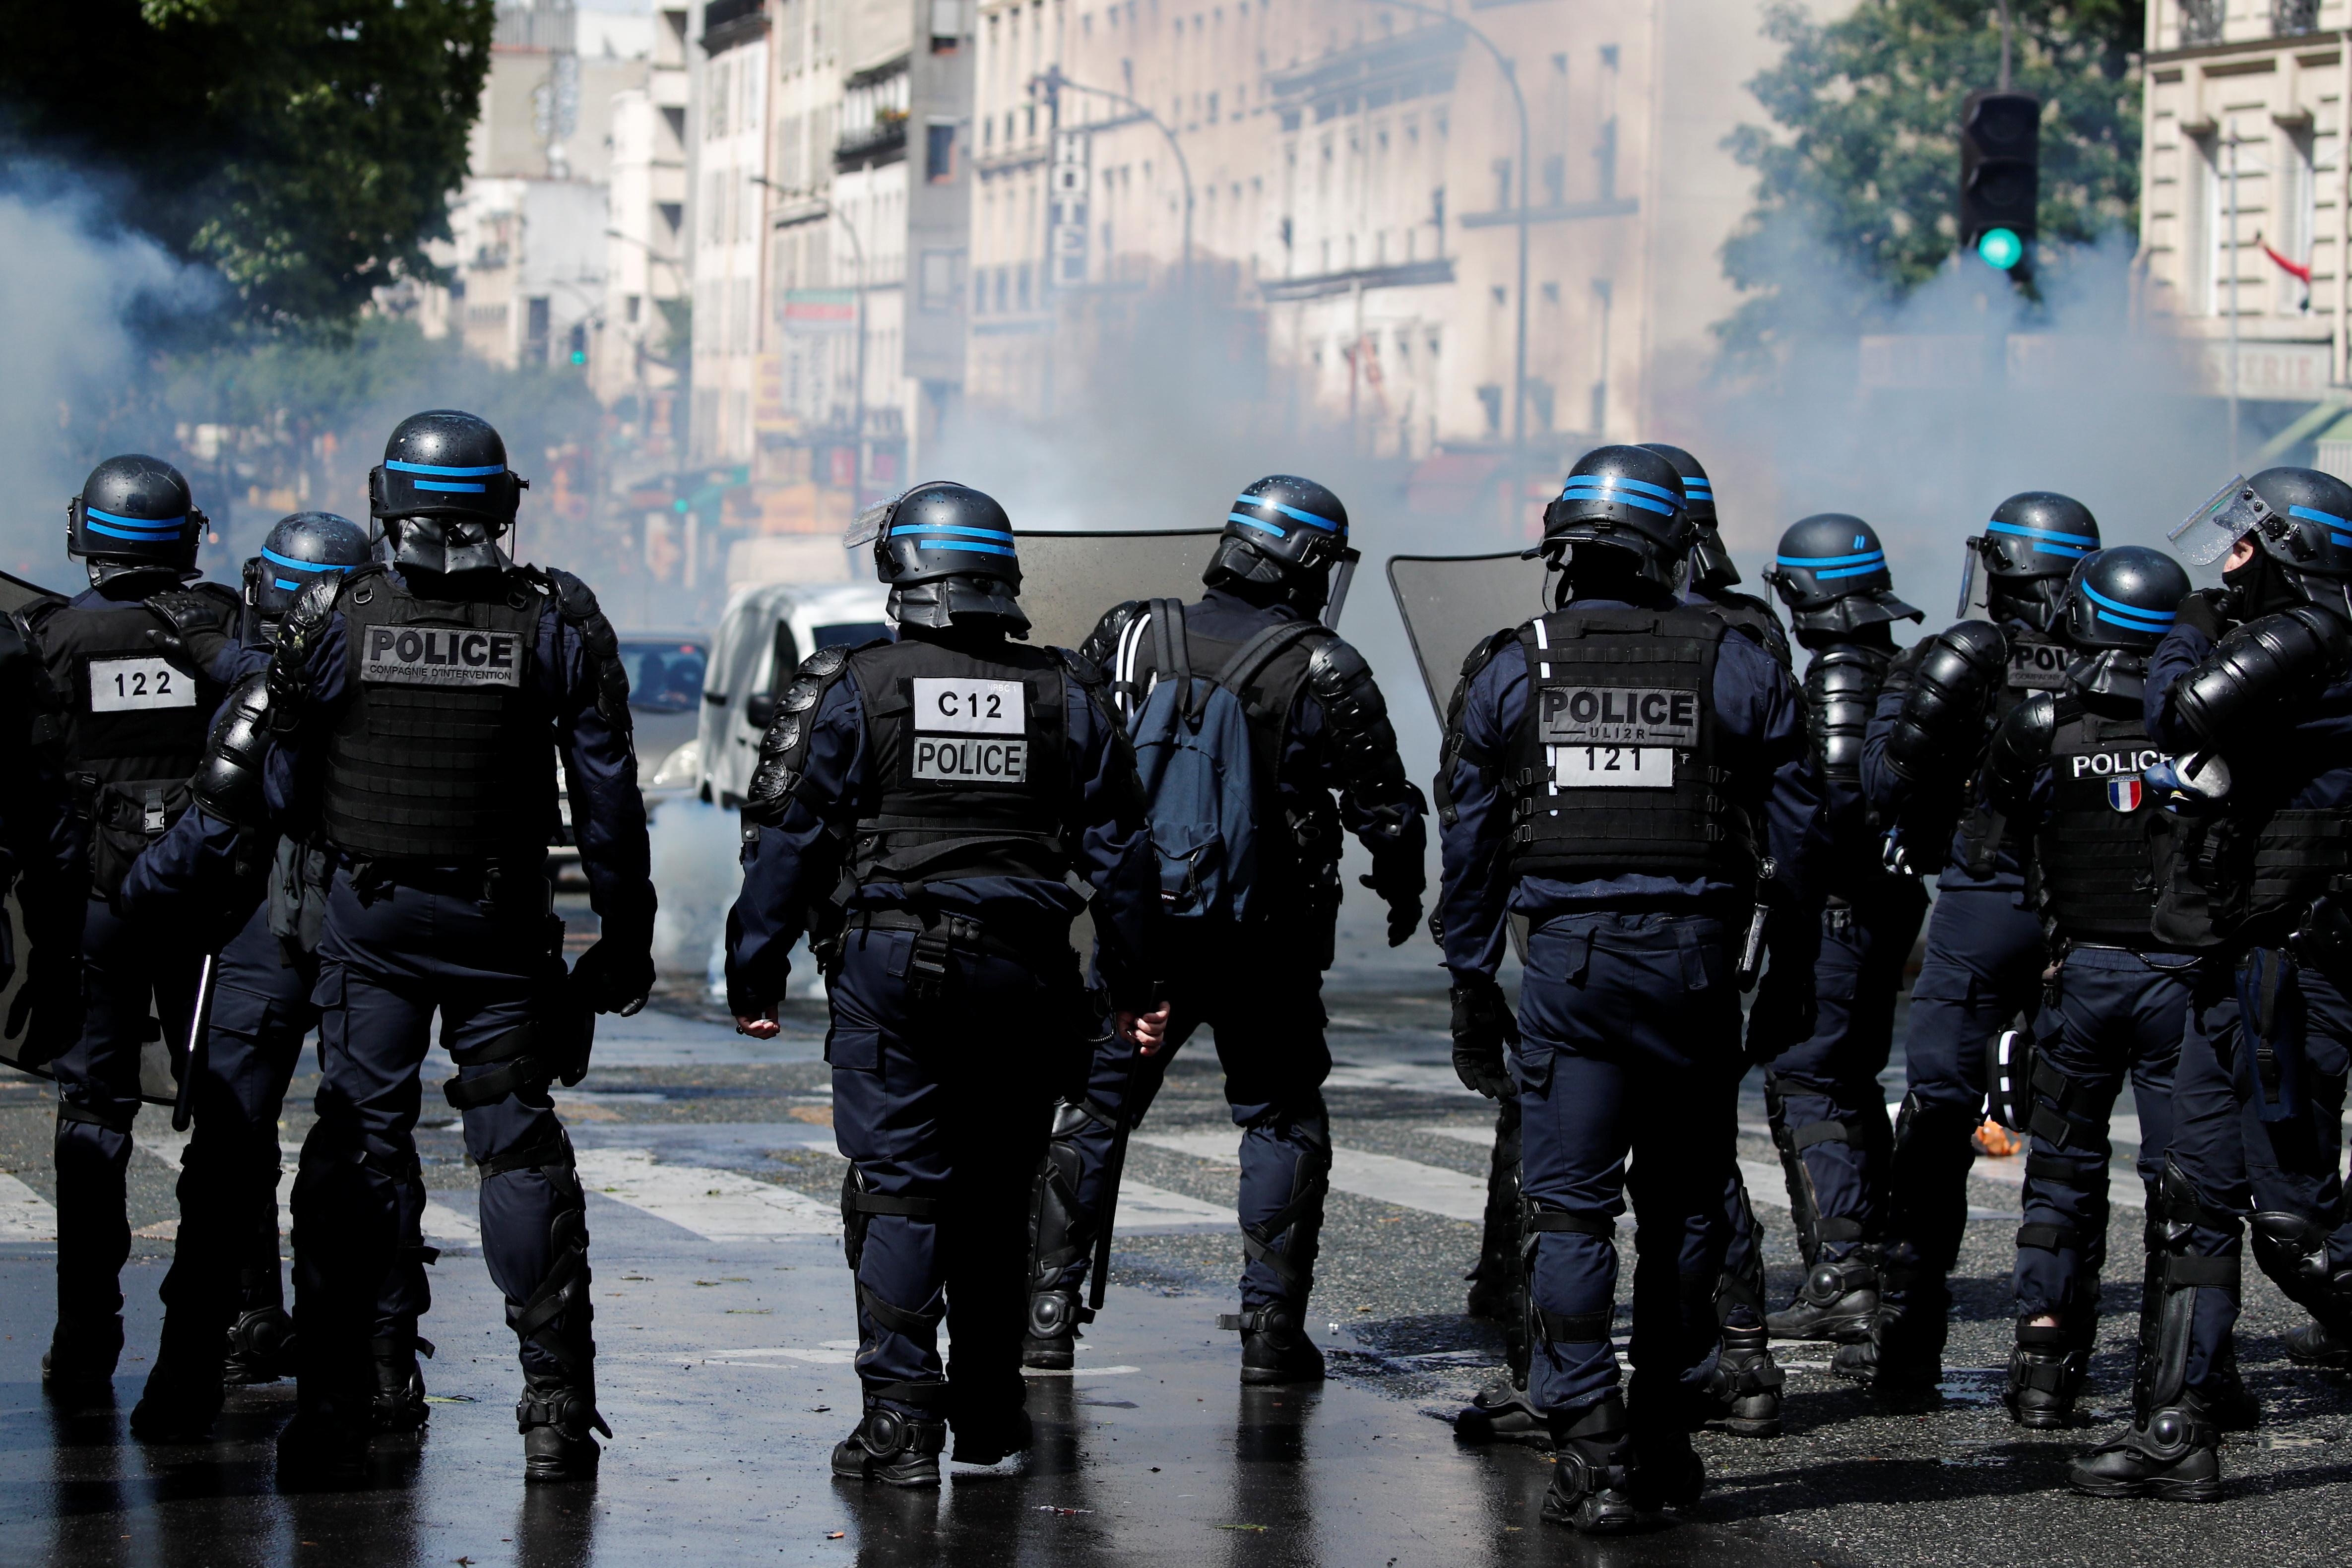 15 წლის 2021 მაისს, პარიზში, ისრაელ-პალესტინის ძალადობის შემდეგ, პალესტინელების მხარდასაჭერად საპროტესტო აქციაზე პოლიციის თანამშრომლები დგანან ქუჩაში. REUTERS / Benoit Tessier